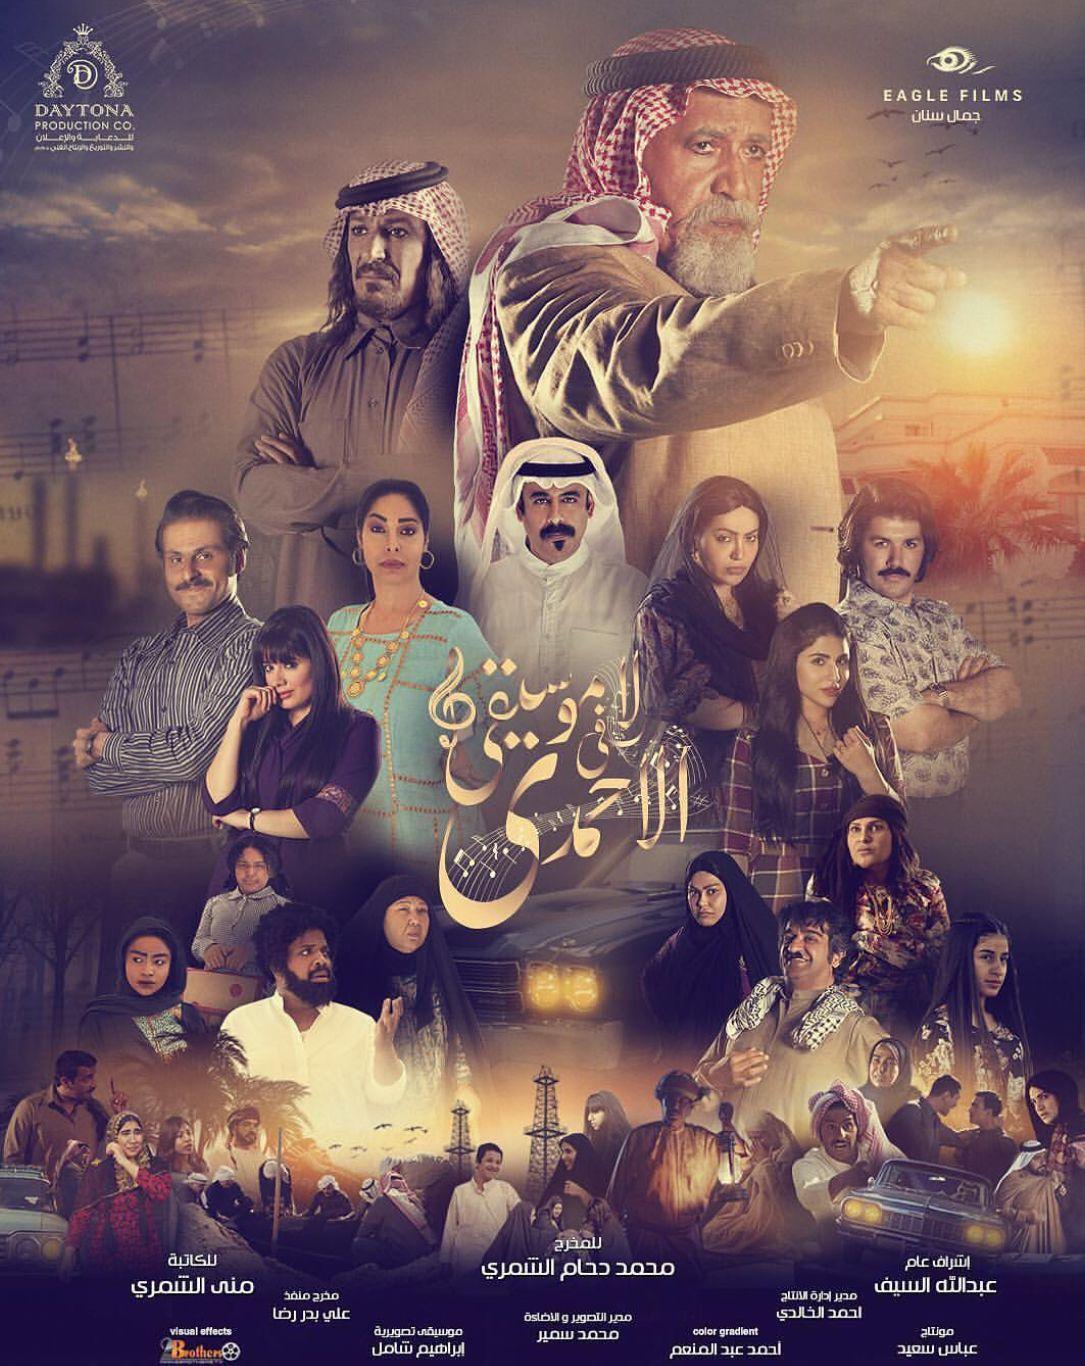 احداث وتفاصيل الحلقة 30 والاخيرة مسلسل لا موسيقى في الأحمدي رمضان 2019 Song Recommendations Farah Album Songs